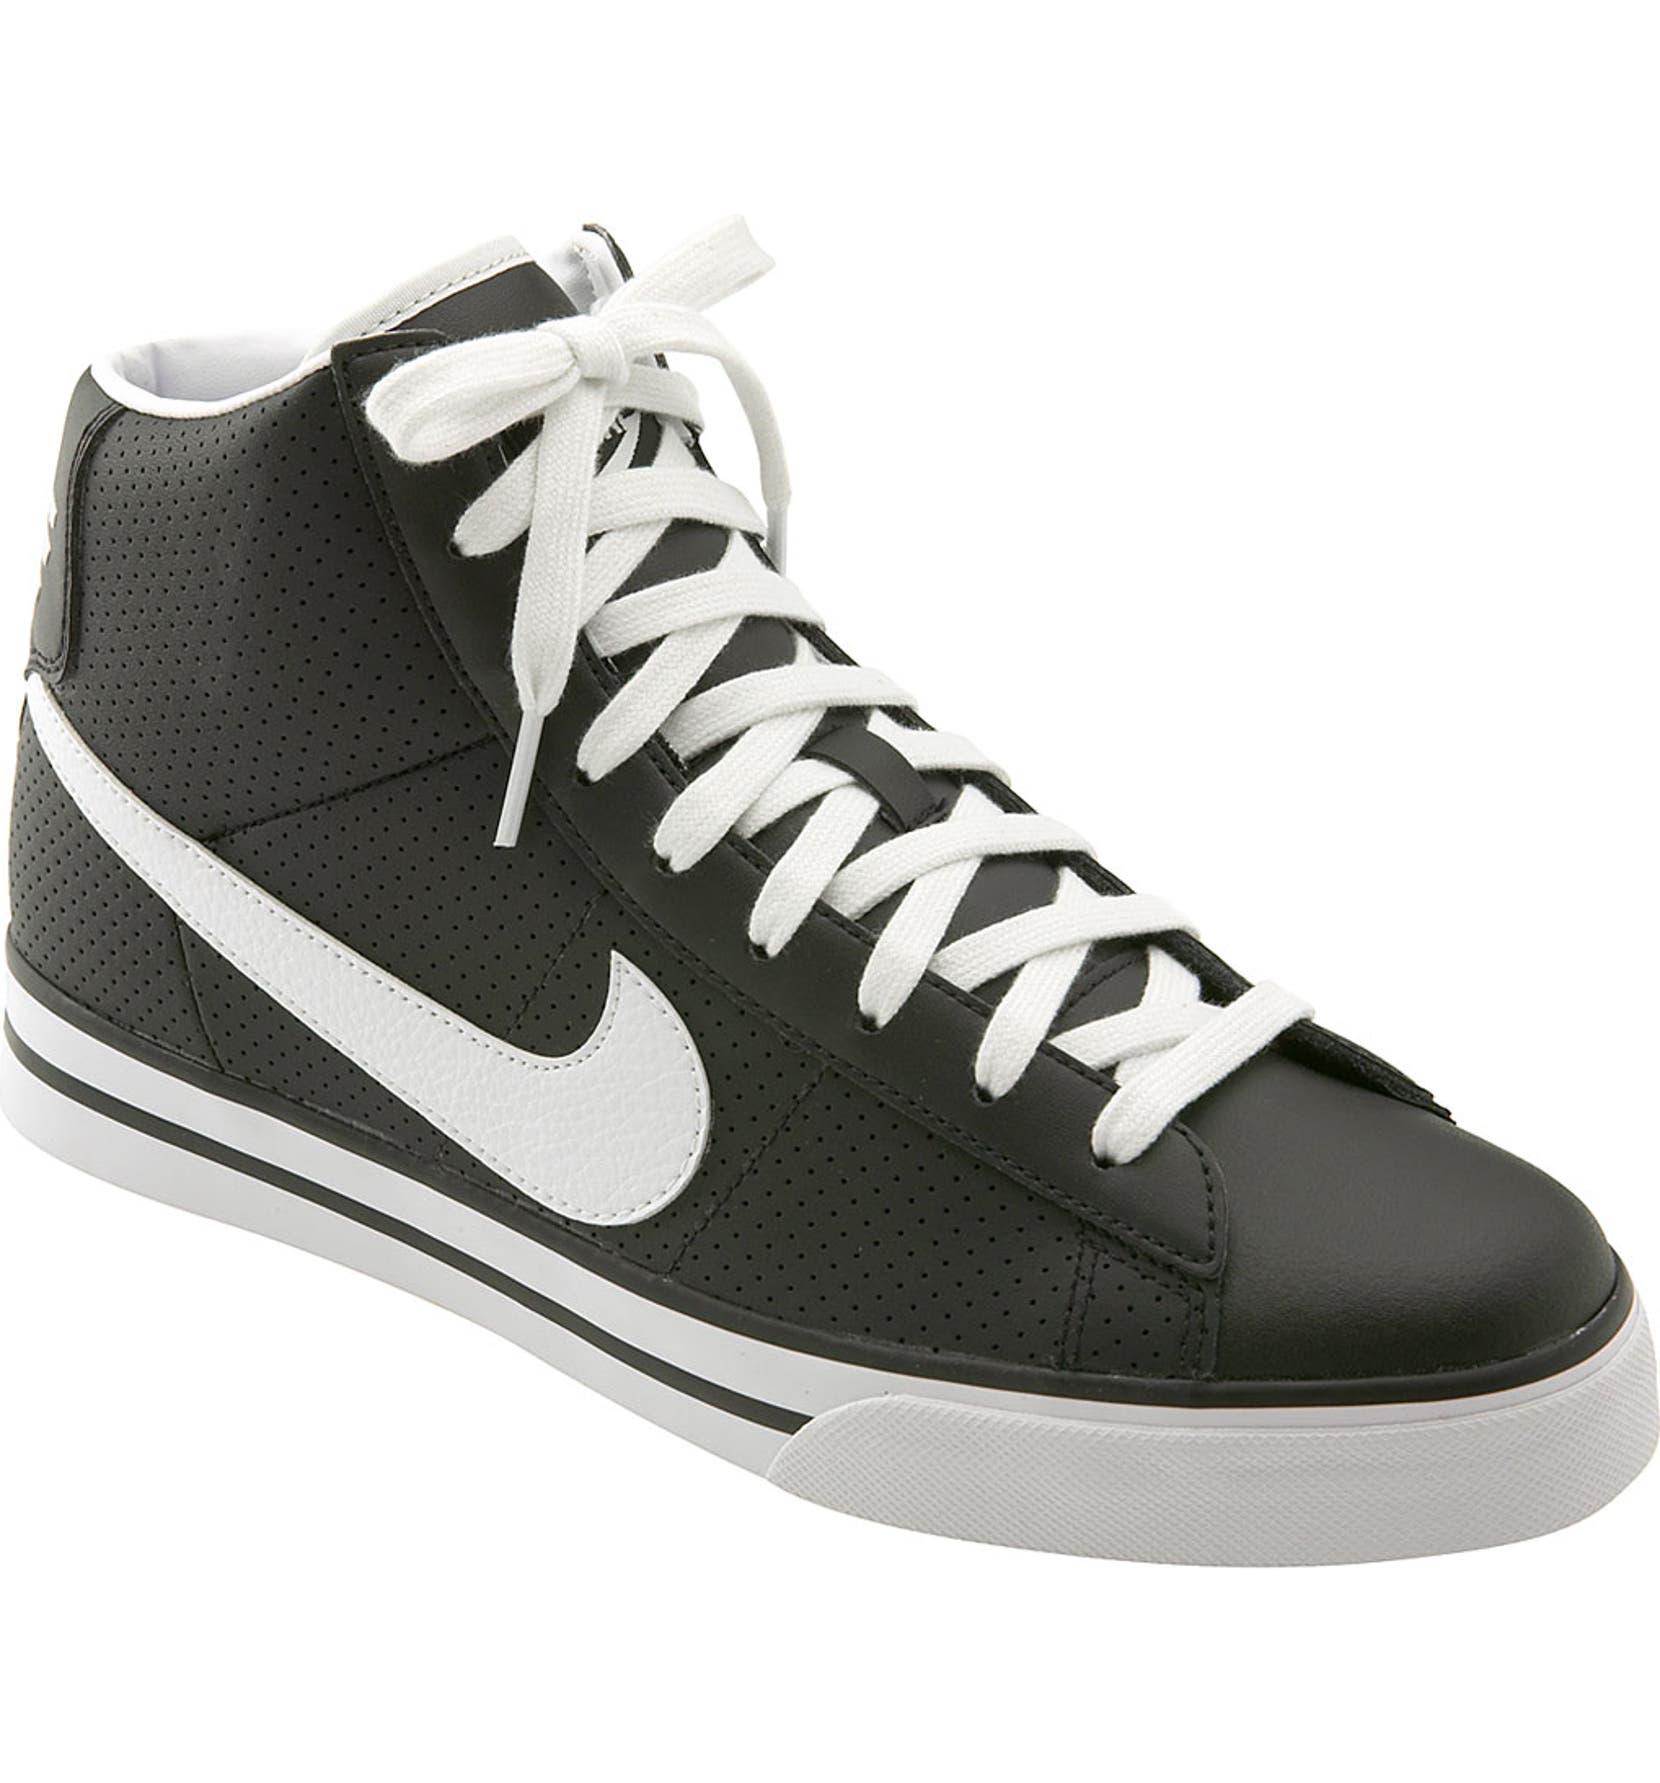 7dace932 'Sweet Classic' Sneaker